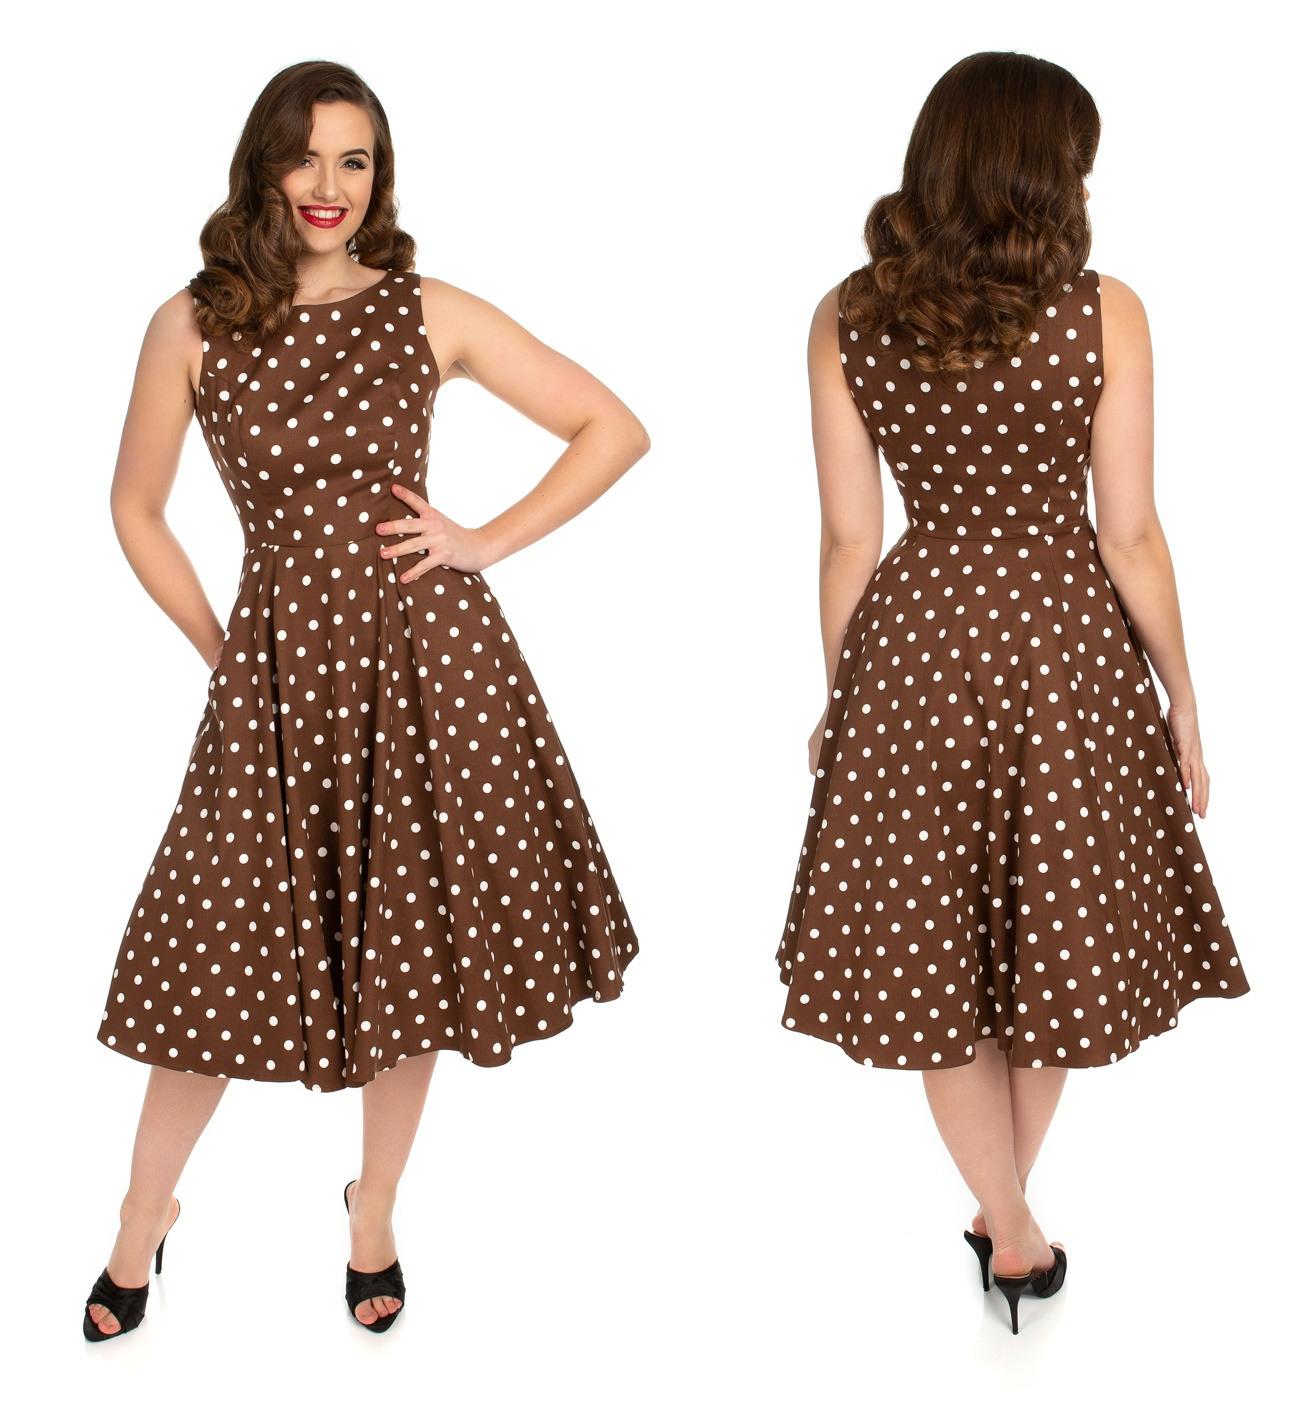 10 Coolste Kleid Mit Punkten GalerieDesigner Schön Kleid Mit Punkten Vertrieb